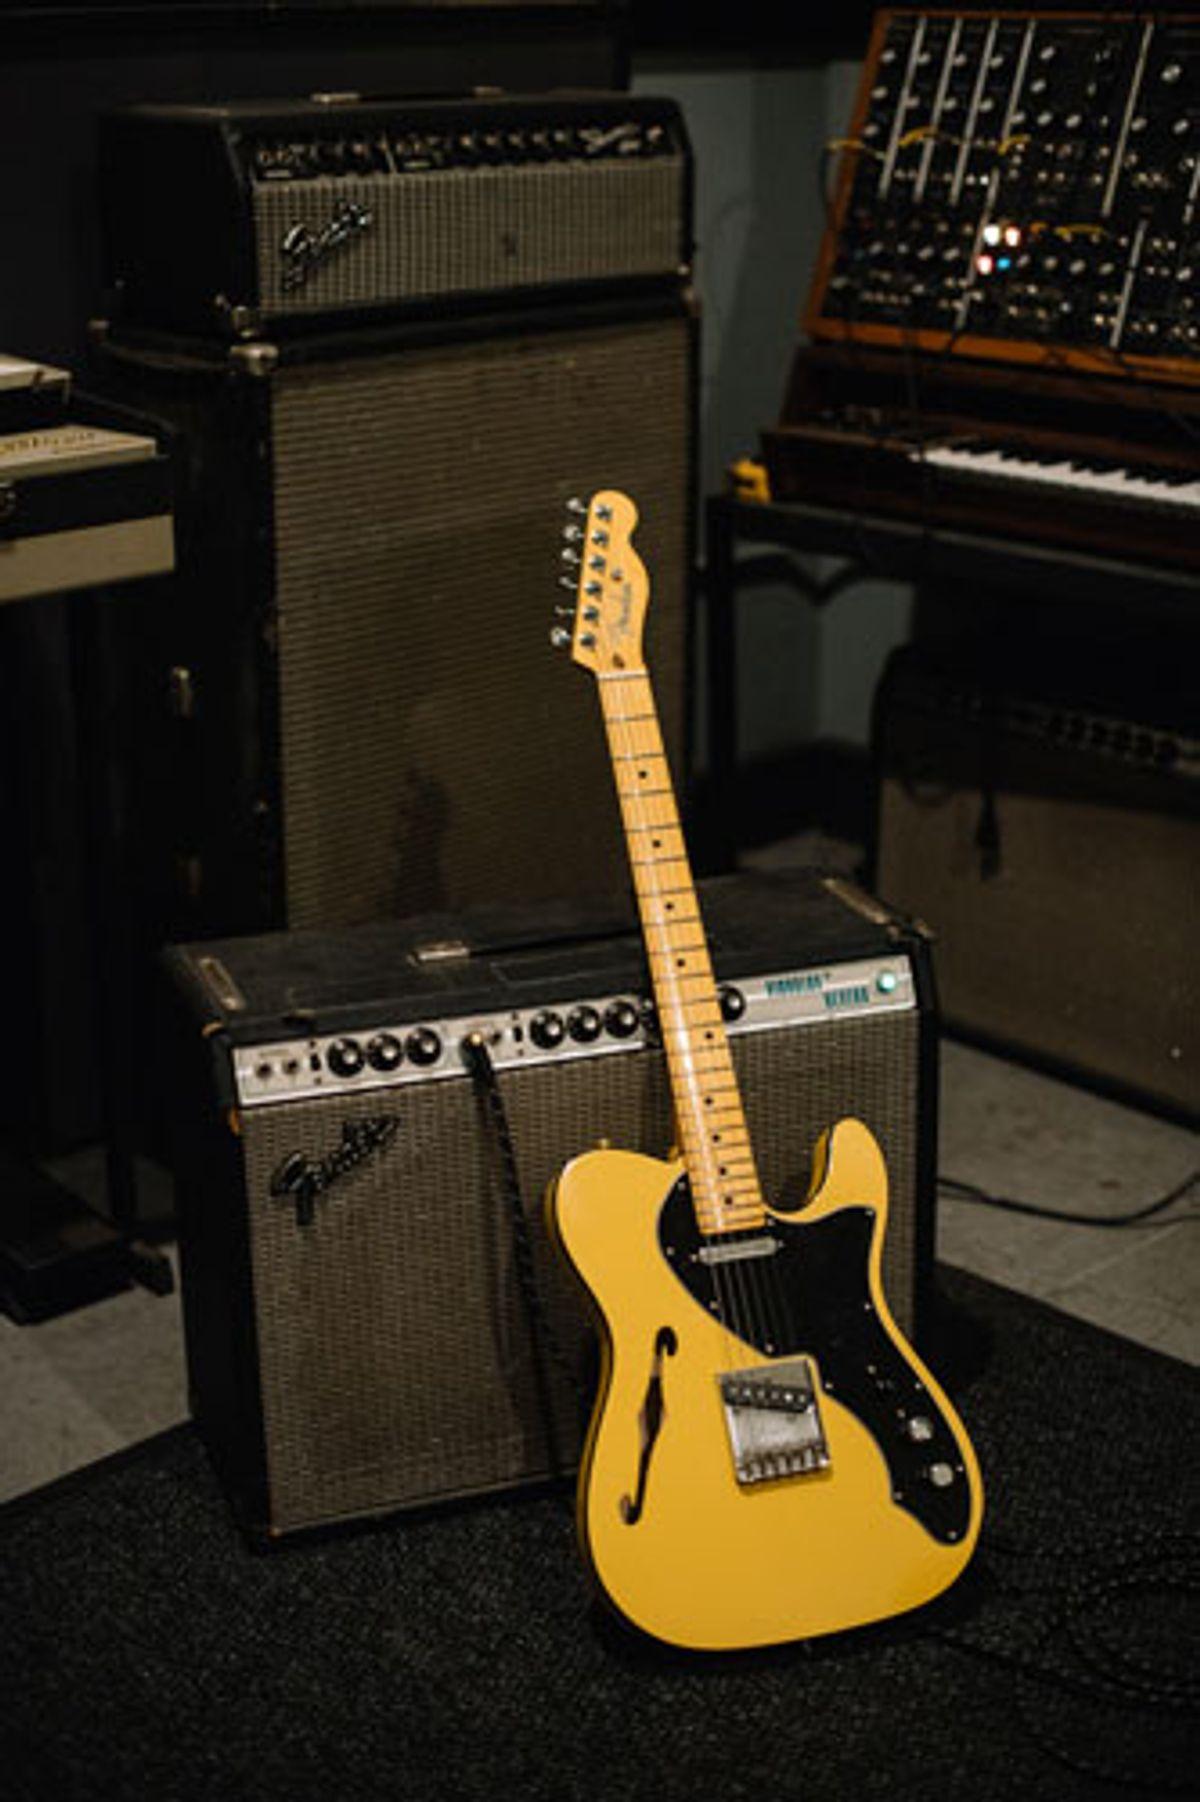 Fender Releases Britt Daniel Artist Signature Tele Thinline